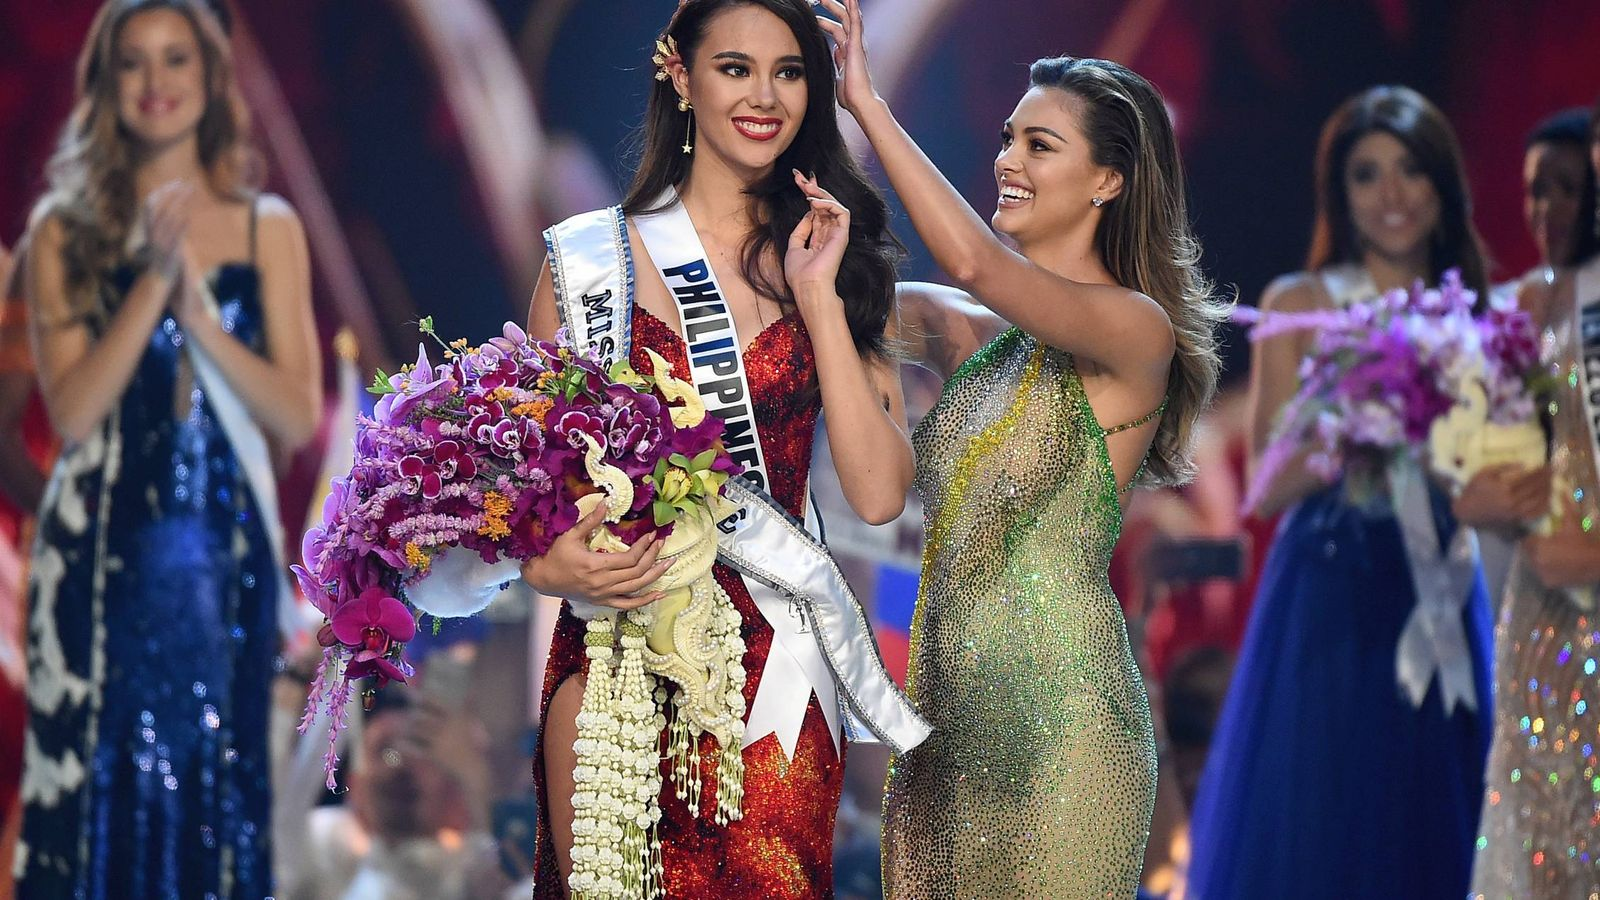 Foto: Catriona Gray, Miss Universo 2018. (Cordon Press)